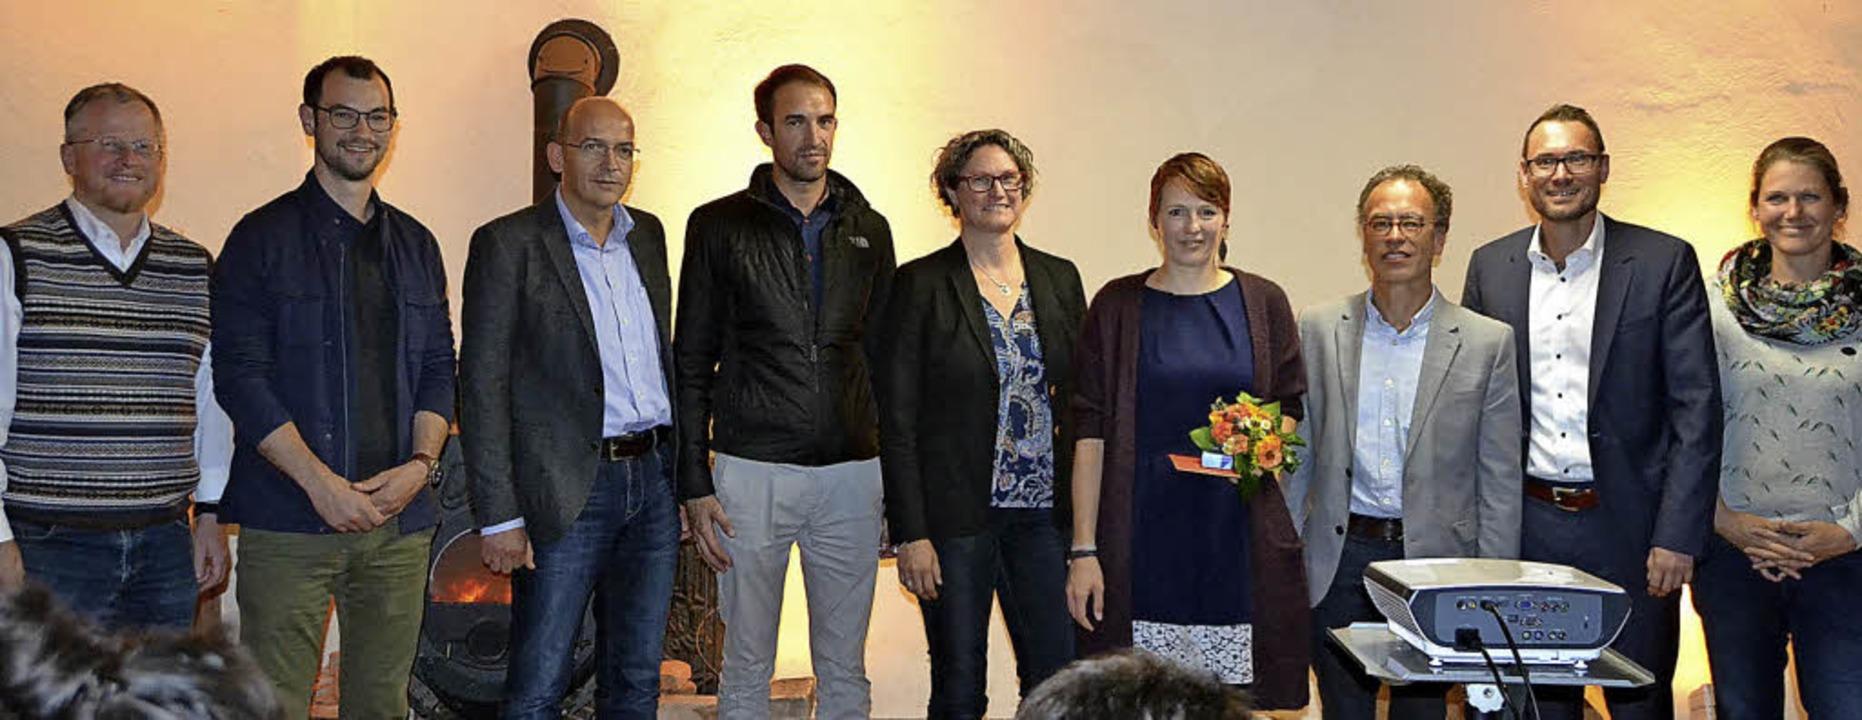 Christa Müller (mit Blumenstrauß) bei ...einführung zur neuen CVJM-Sekretärin.   | Foto: Lisa Geppert